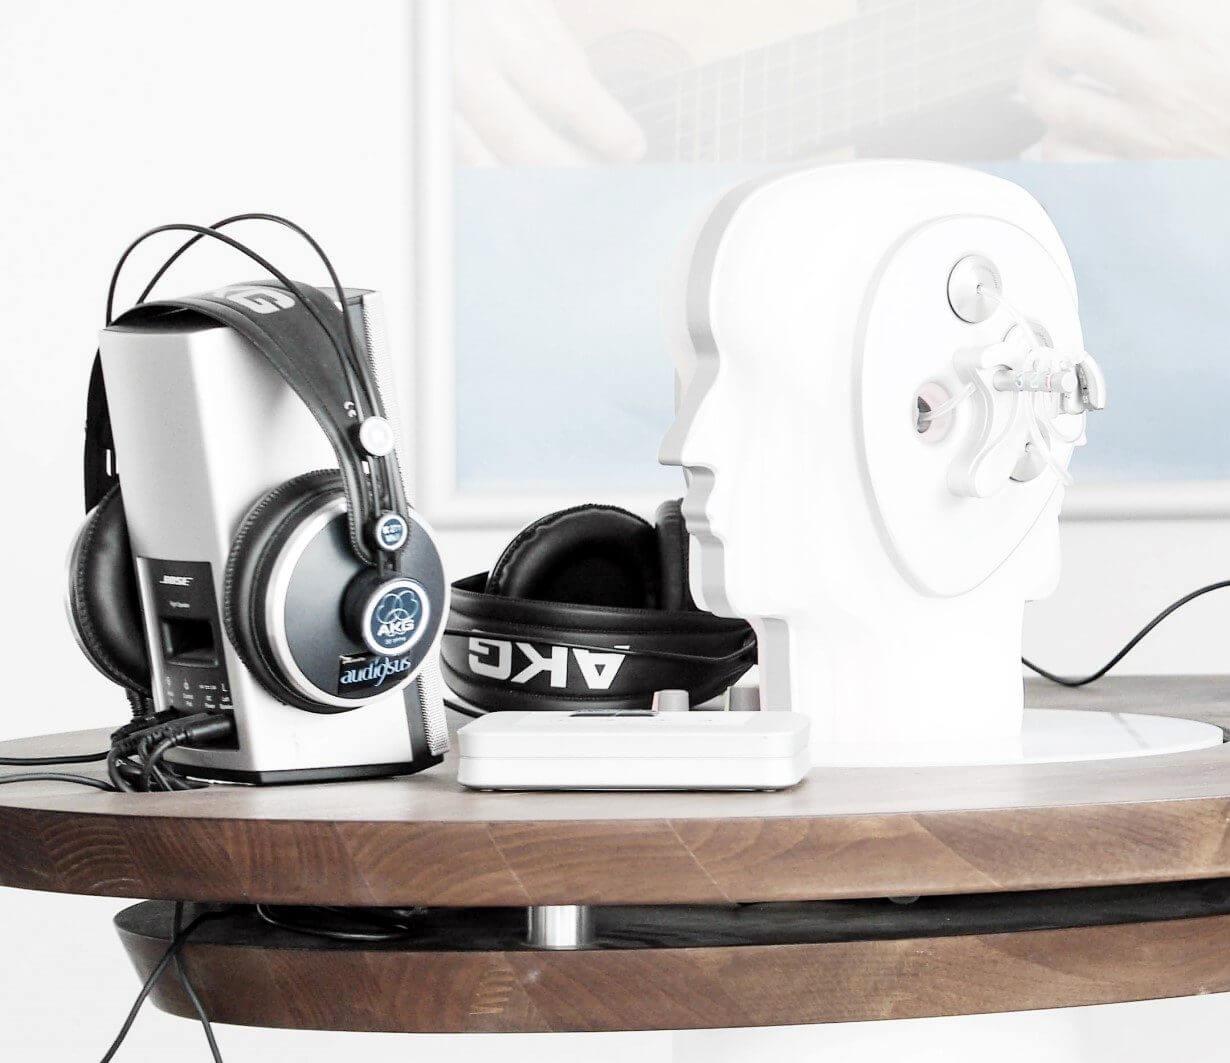 Hörgeräte einstellen audiosus